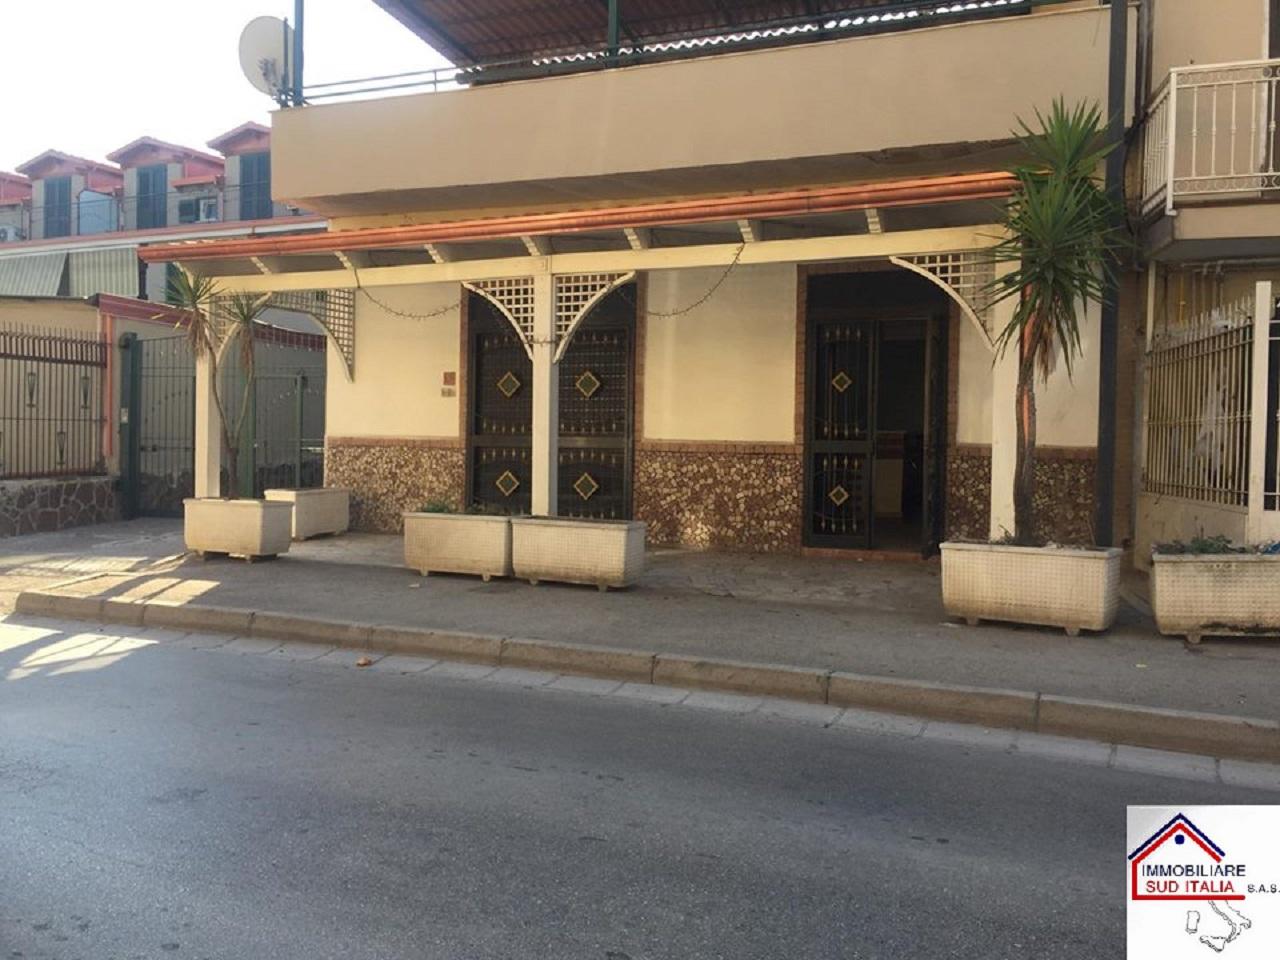 Negozio / Locale in vendita a Parete, 9999 locali, prezzo € 129.000 | CambioCasa.it